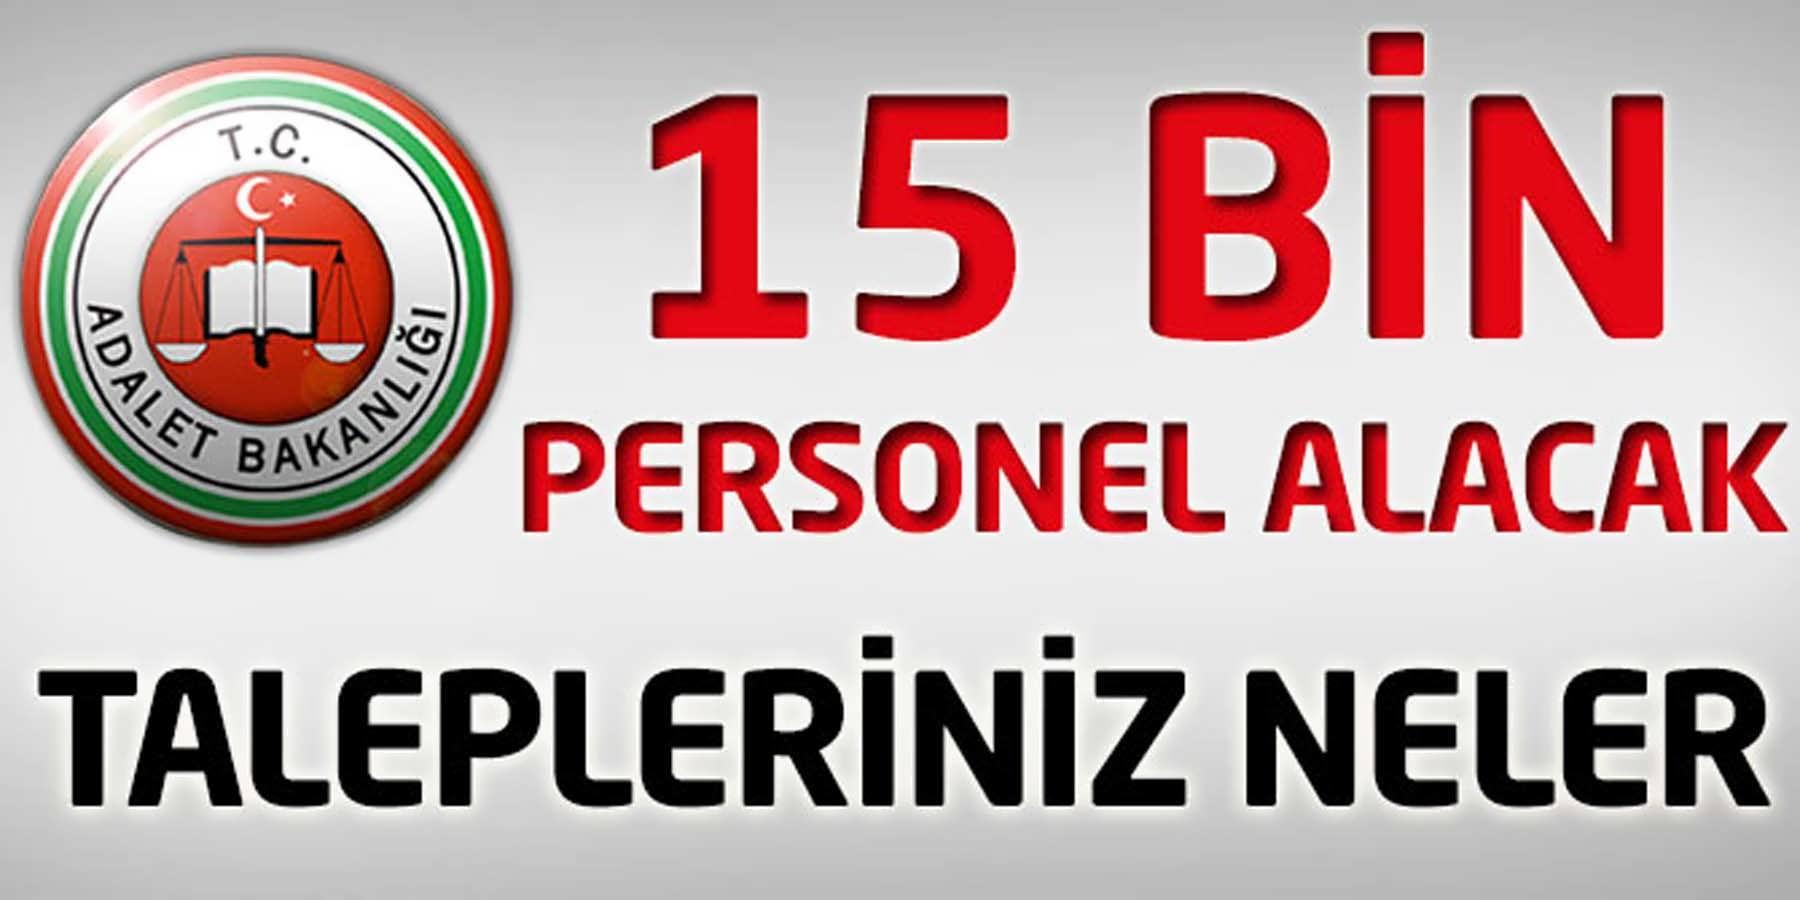 Adalet Bakanlığı'na 15 Bin Personel Alımı Yapacak (Talepleriniz Neler)